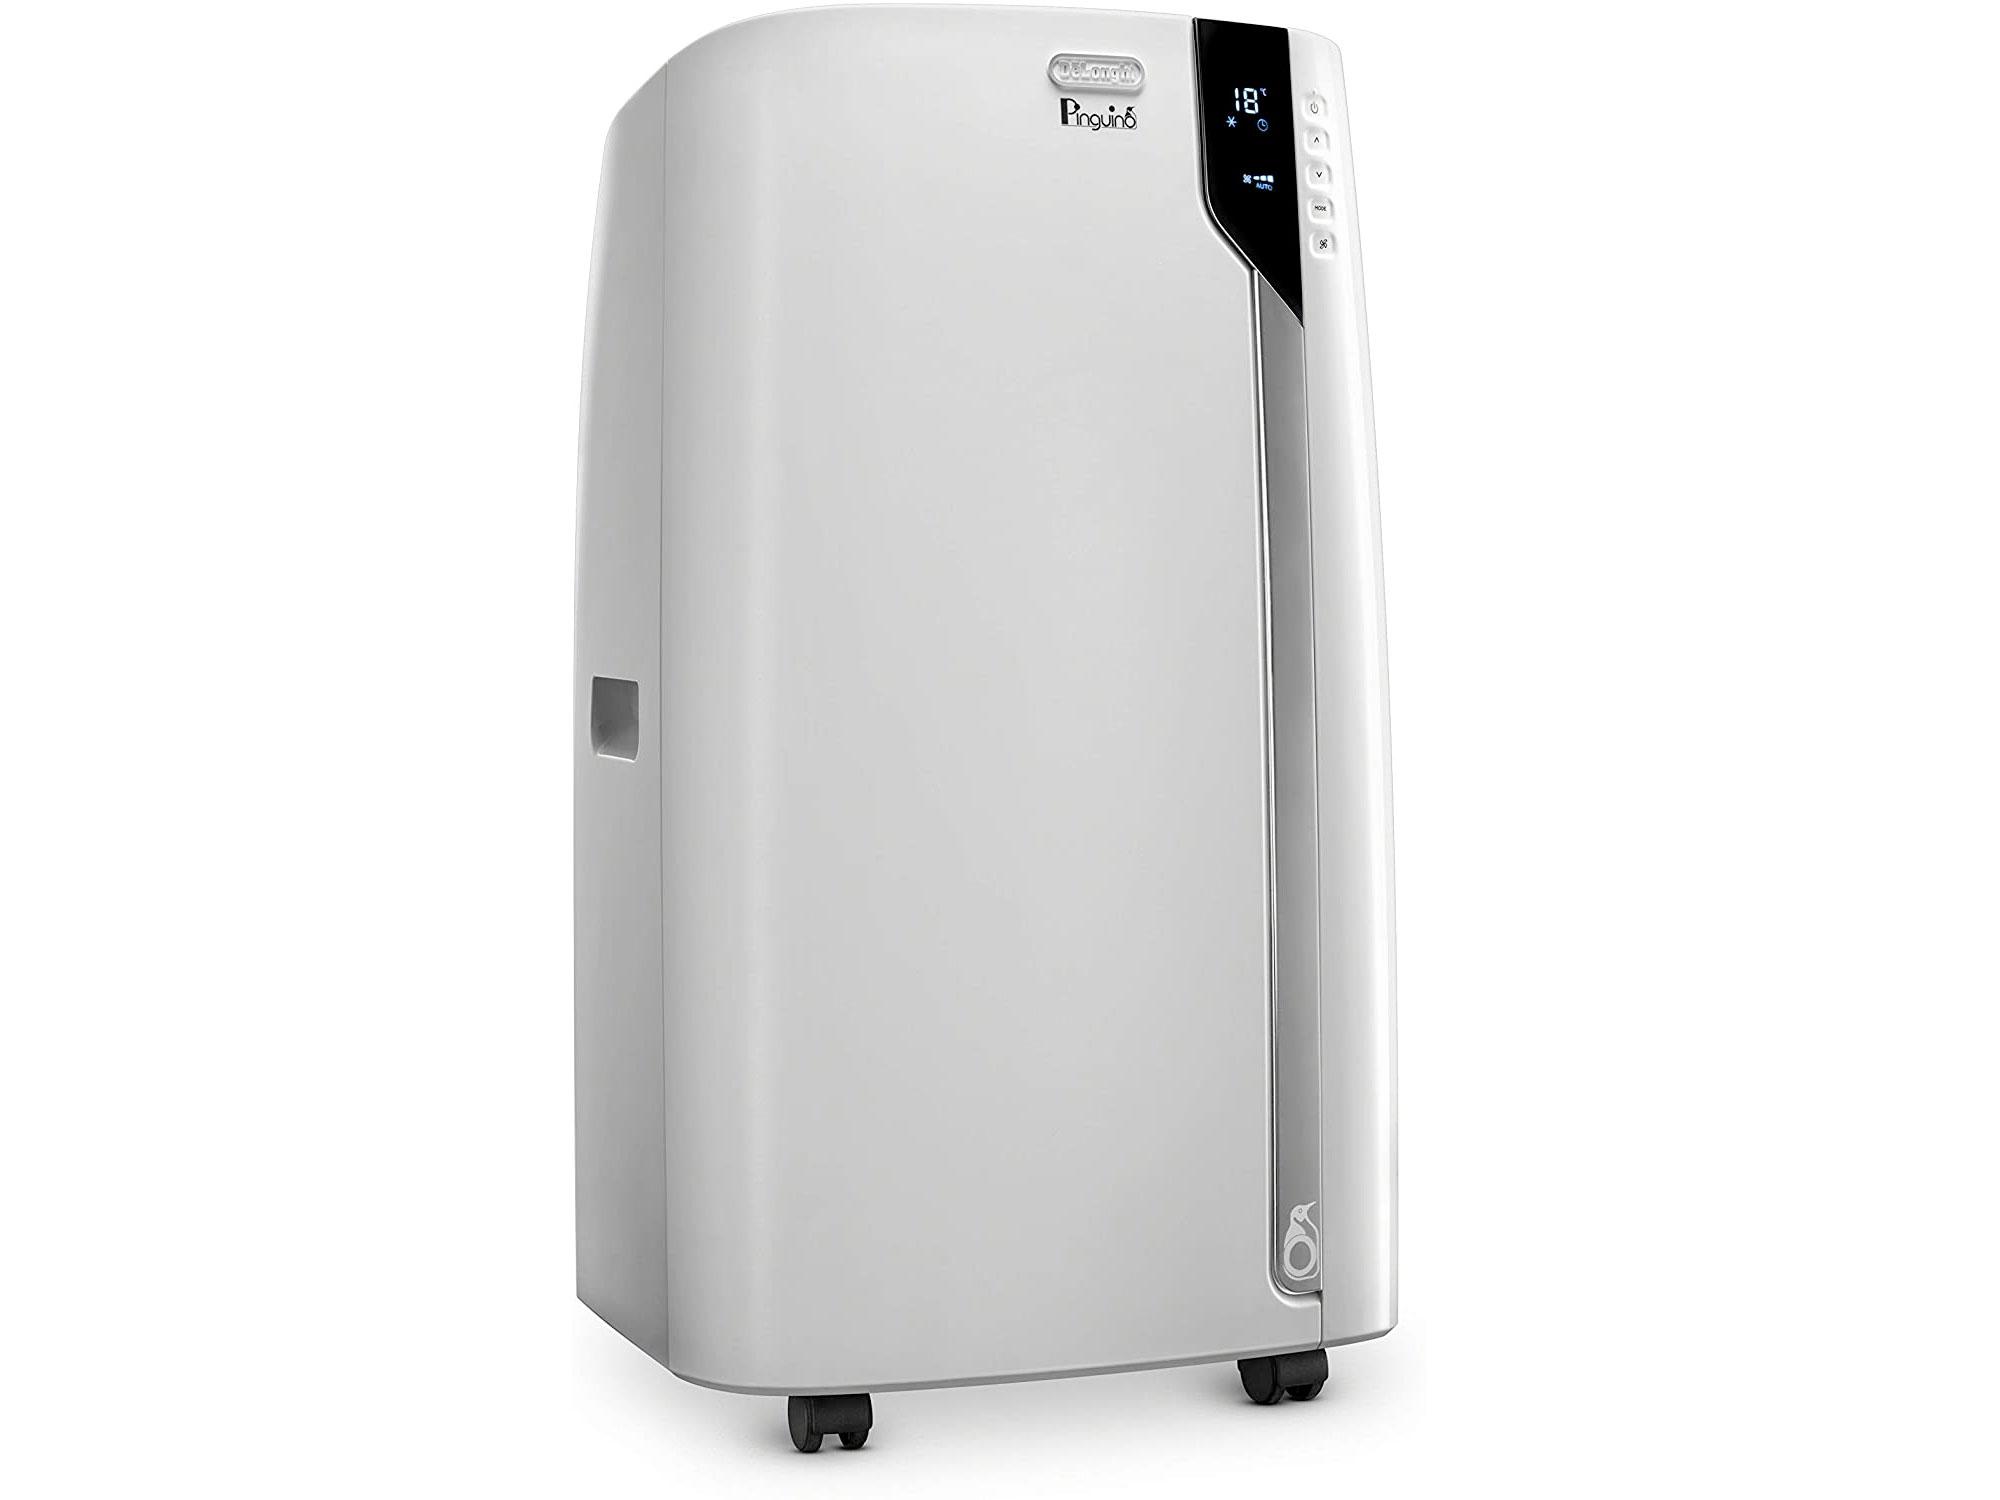 Amazon:De'Longhi Portable Air Conditioner 14,000 BTU只賣$536.99